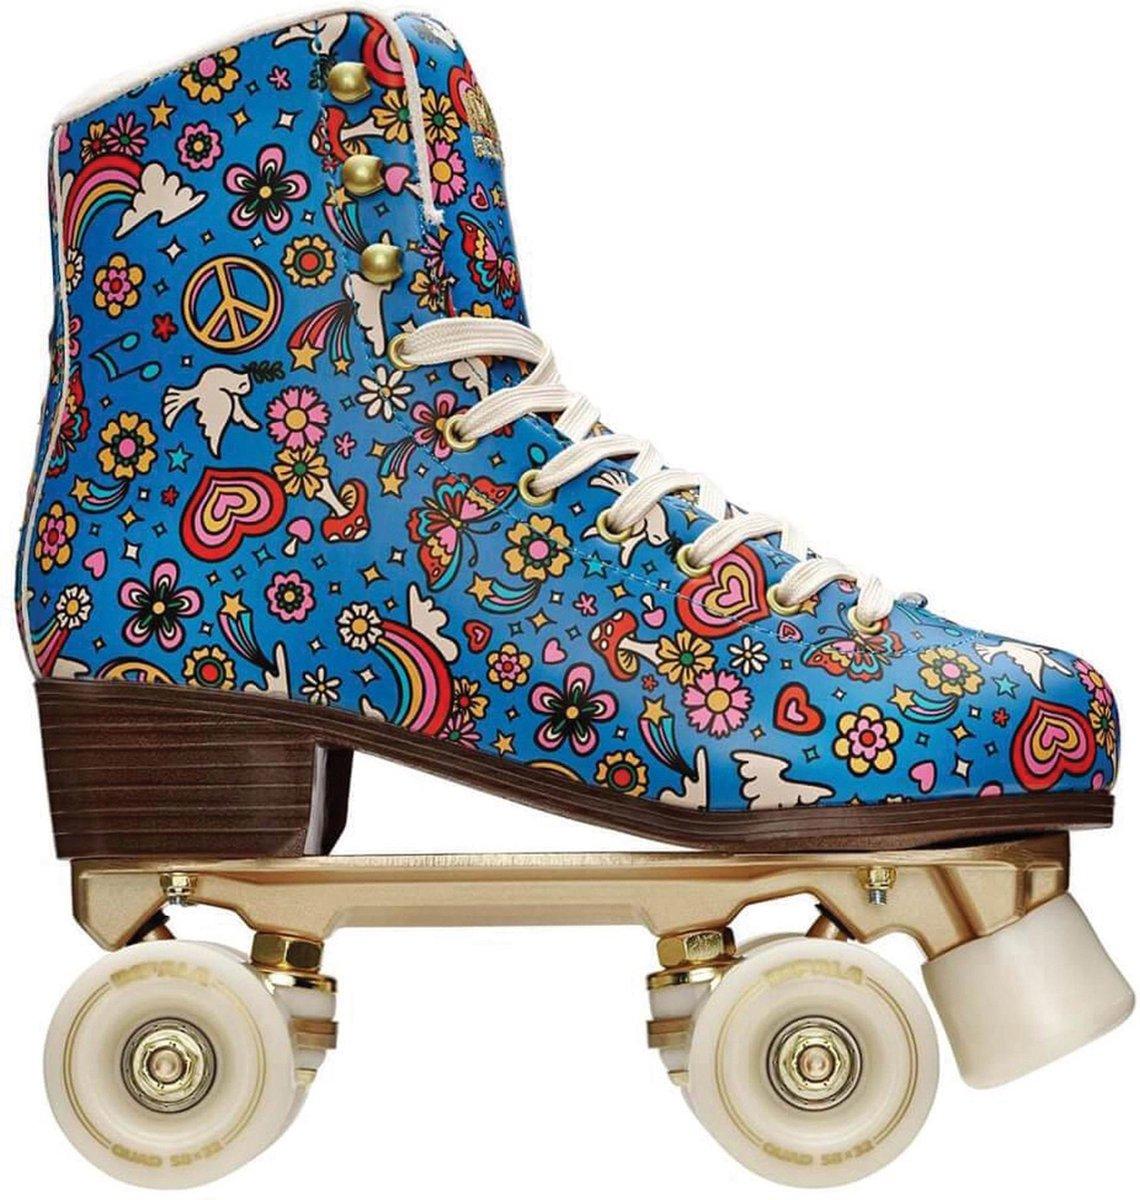 Impala Rolschaatsen - Maat 36Volwassenen - Blauw/Geel/Rood